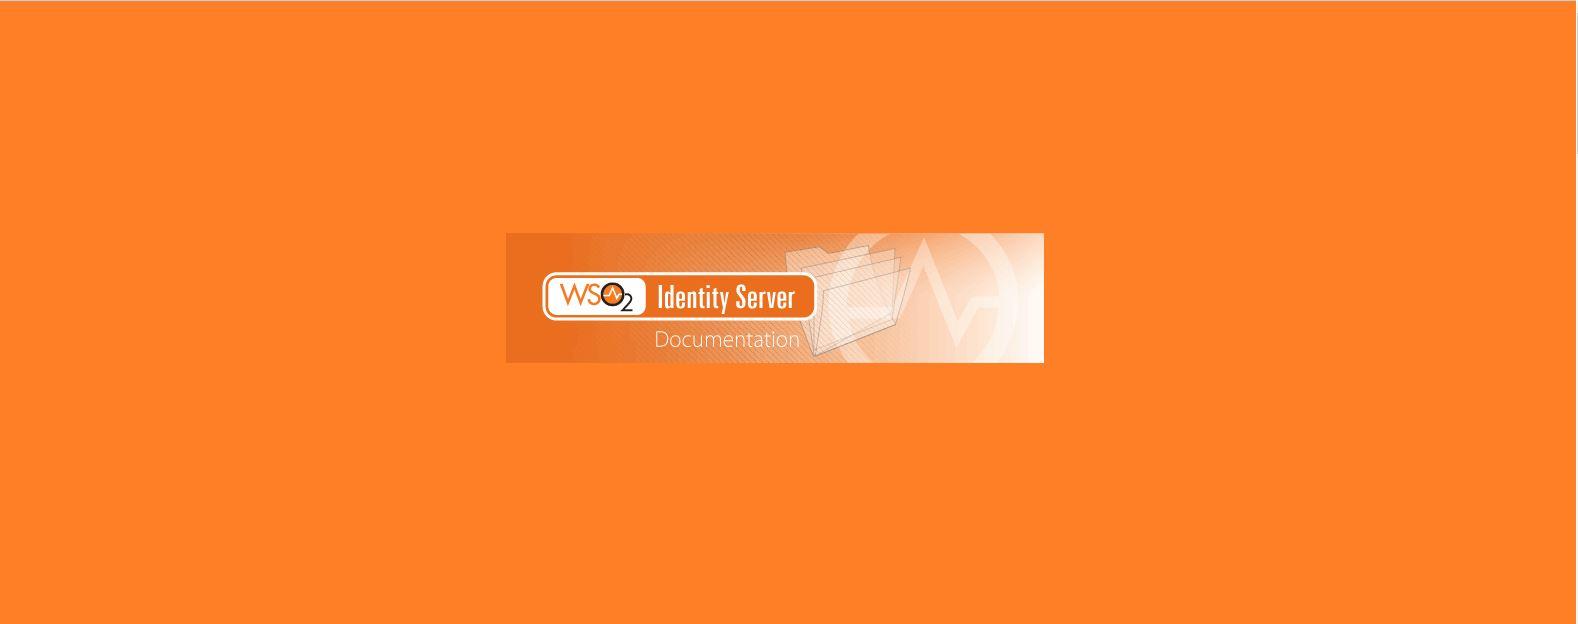 Webinar: Implementación de autenticación federada con WSO2 Identity Server